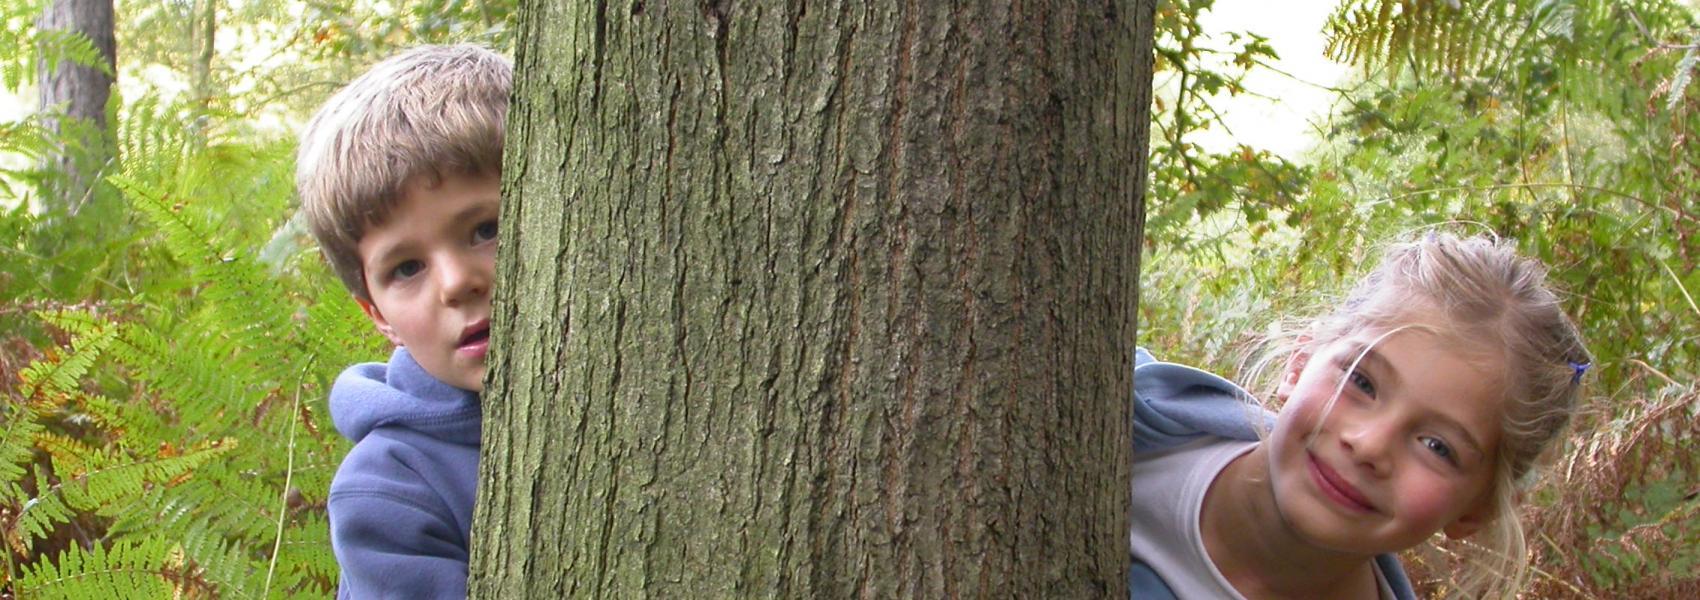 twee kinderen die van achter een boom komen